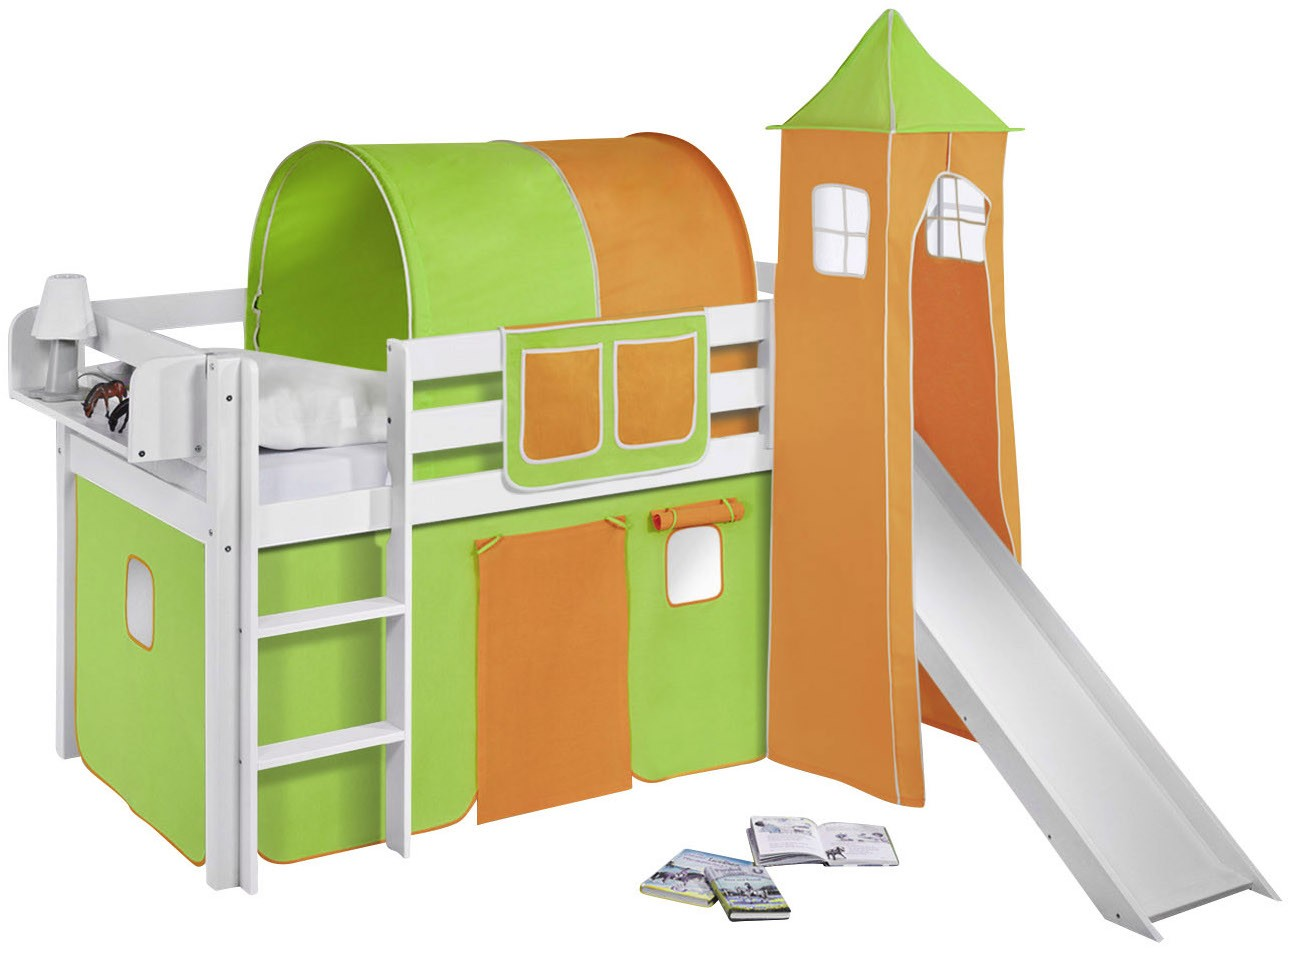 Lit surélevé toboggan blanc laqué avec tour et rideau vert et orange Milo  90x190 cm   LesTendances.fr 7e8ac623ff0f